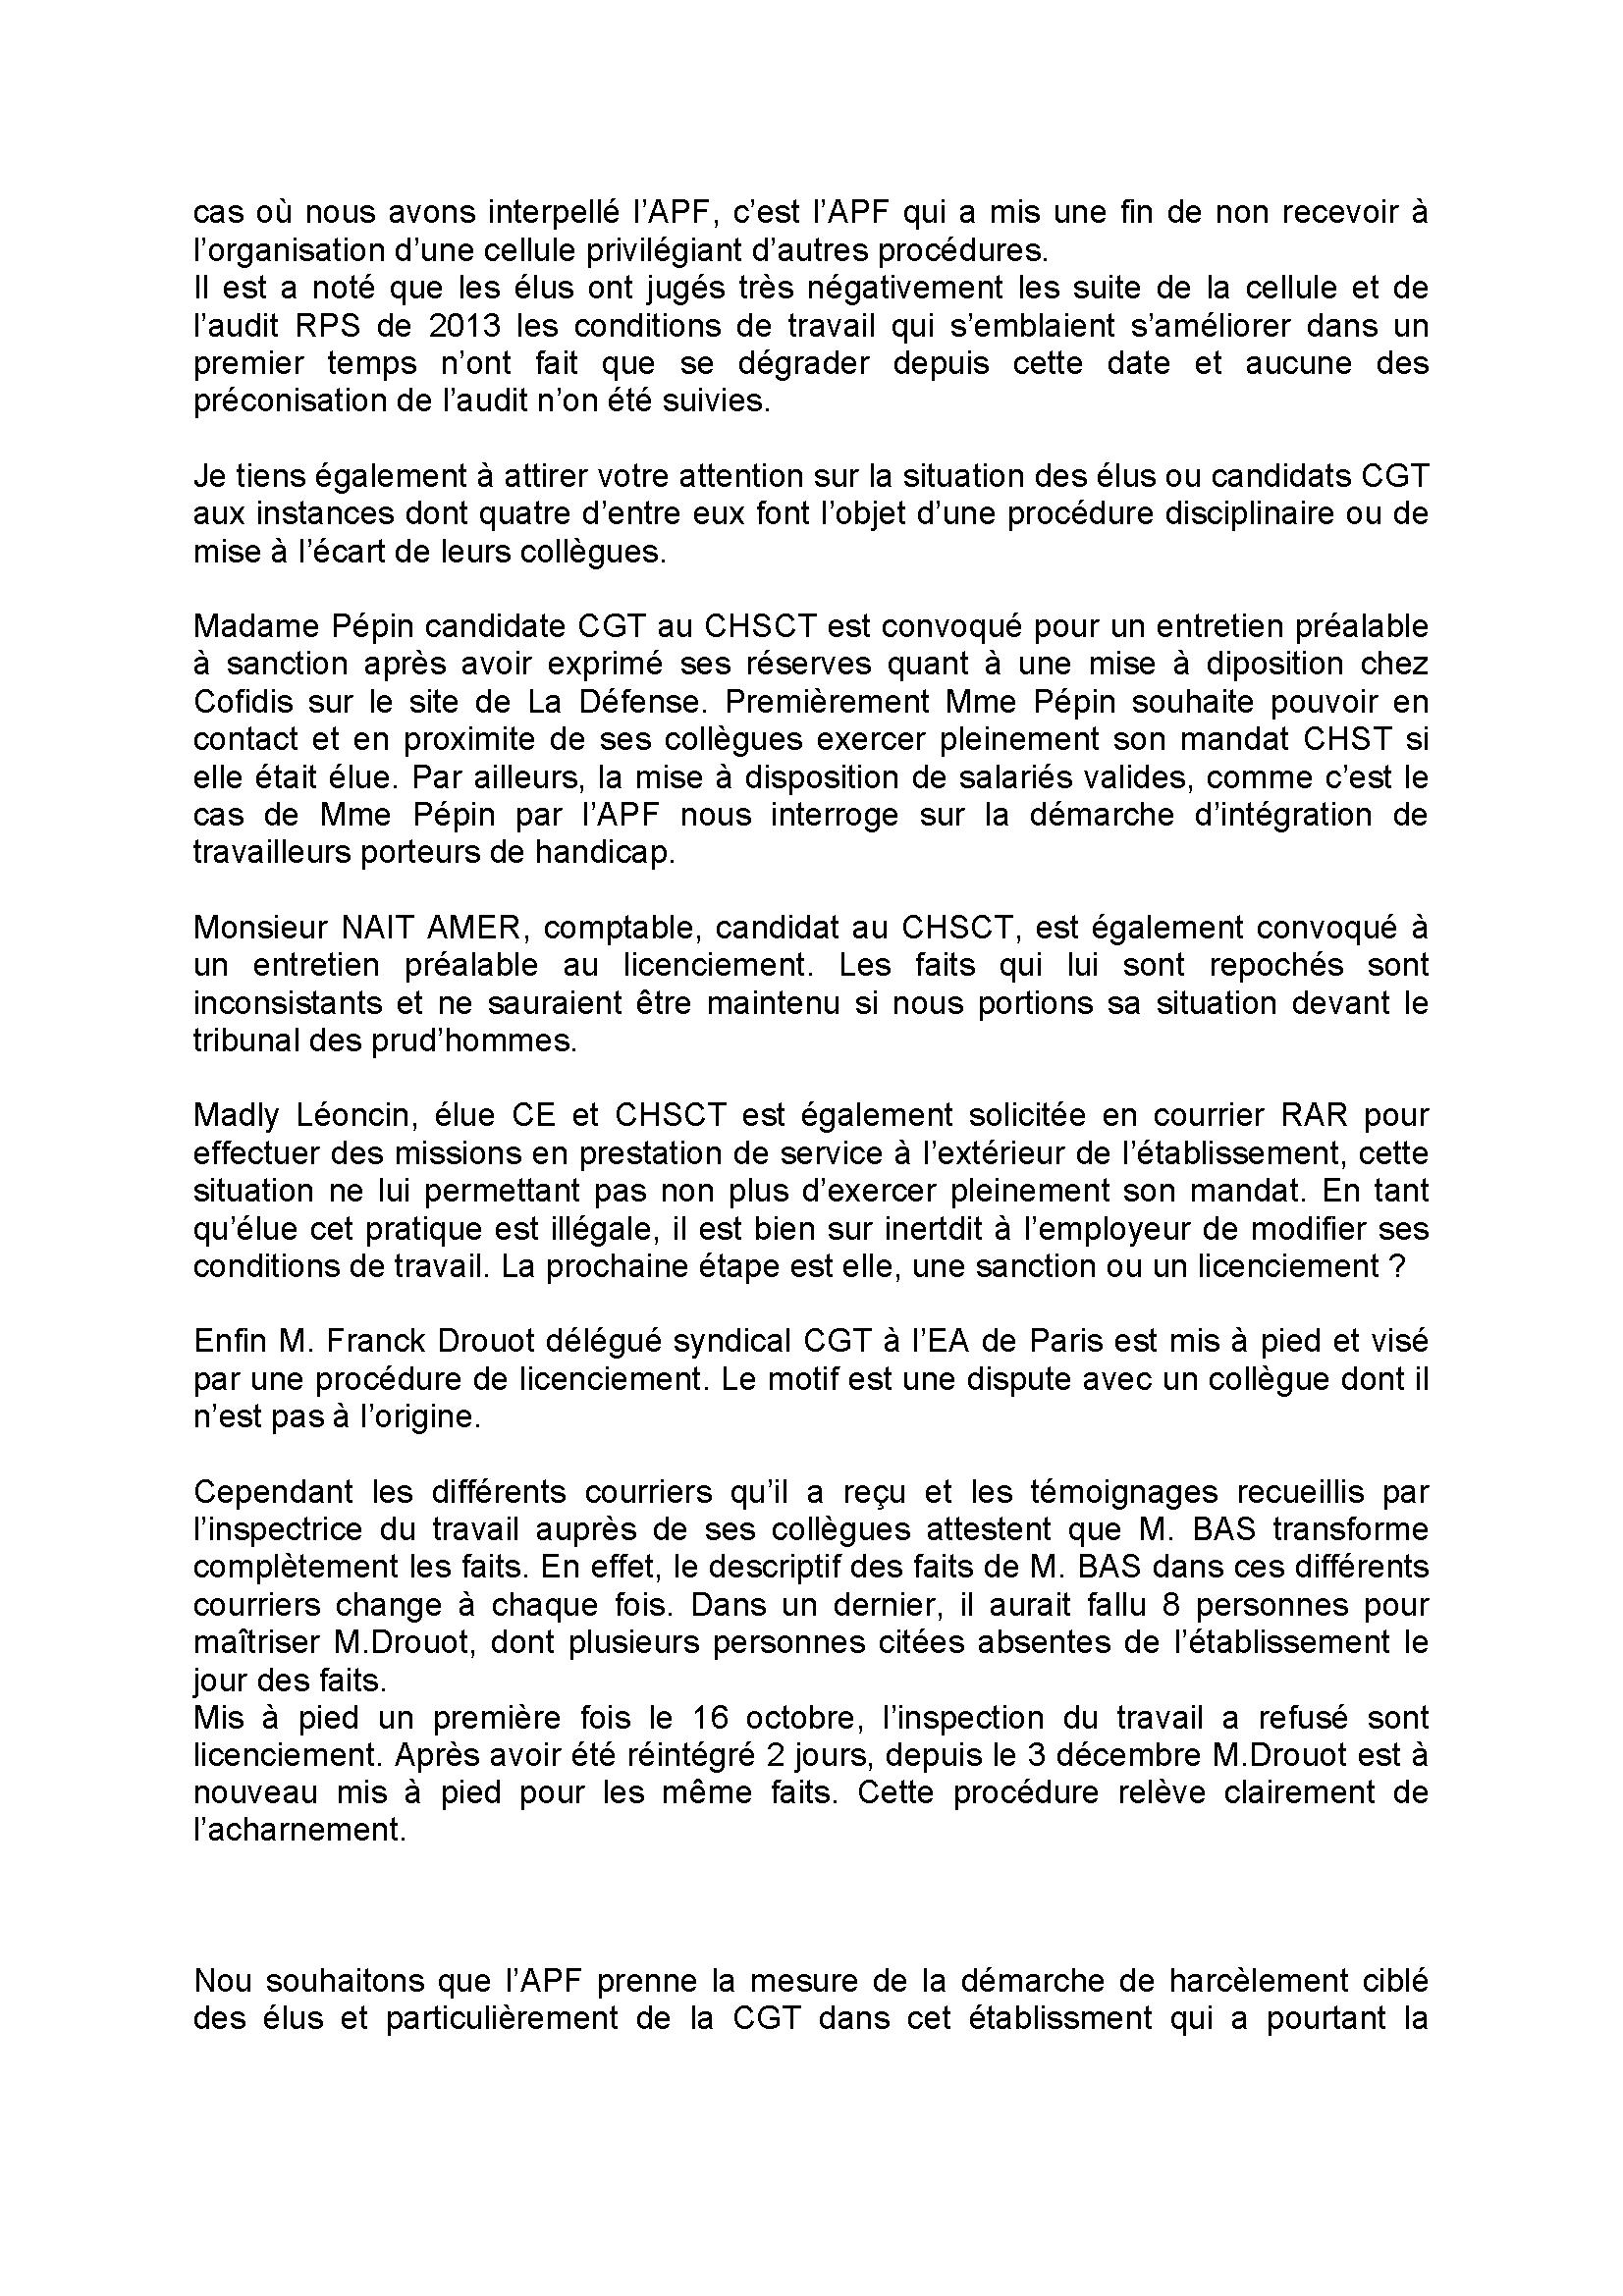 Courrier M TEBOUL Situation EA Paris_Page_2